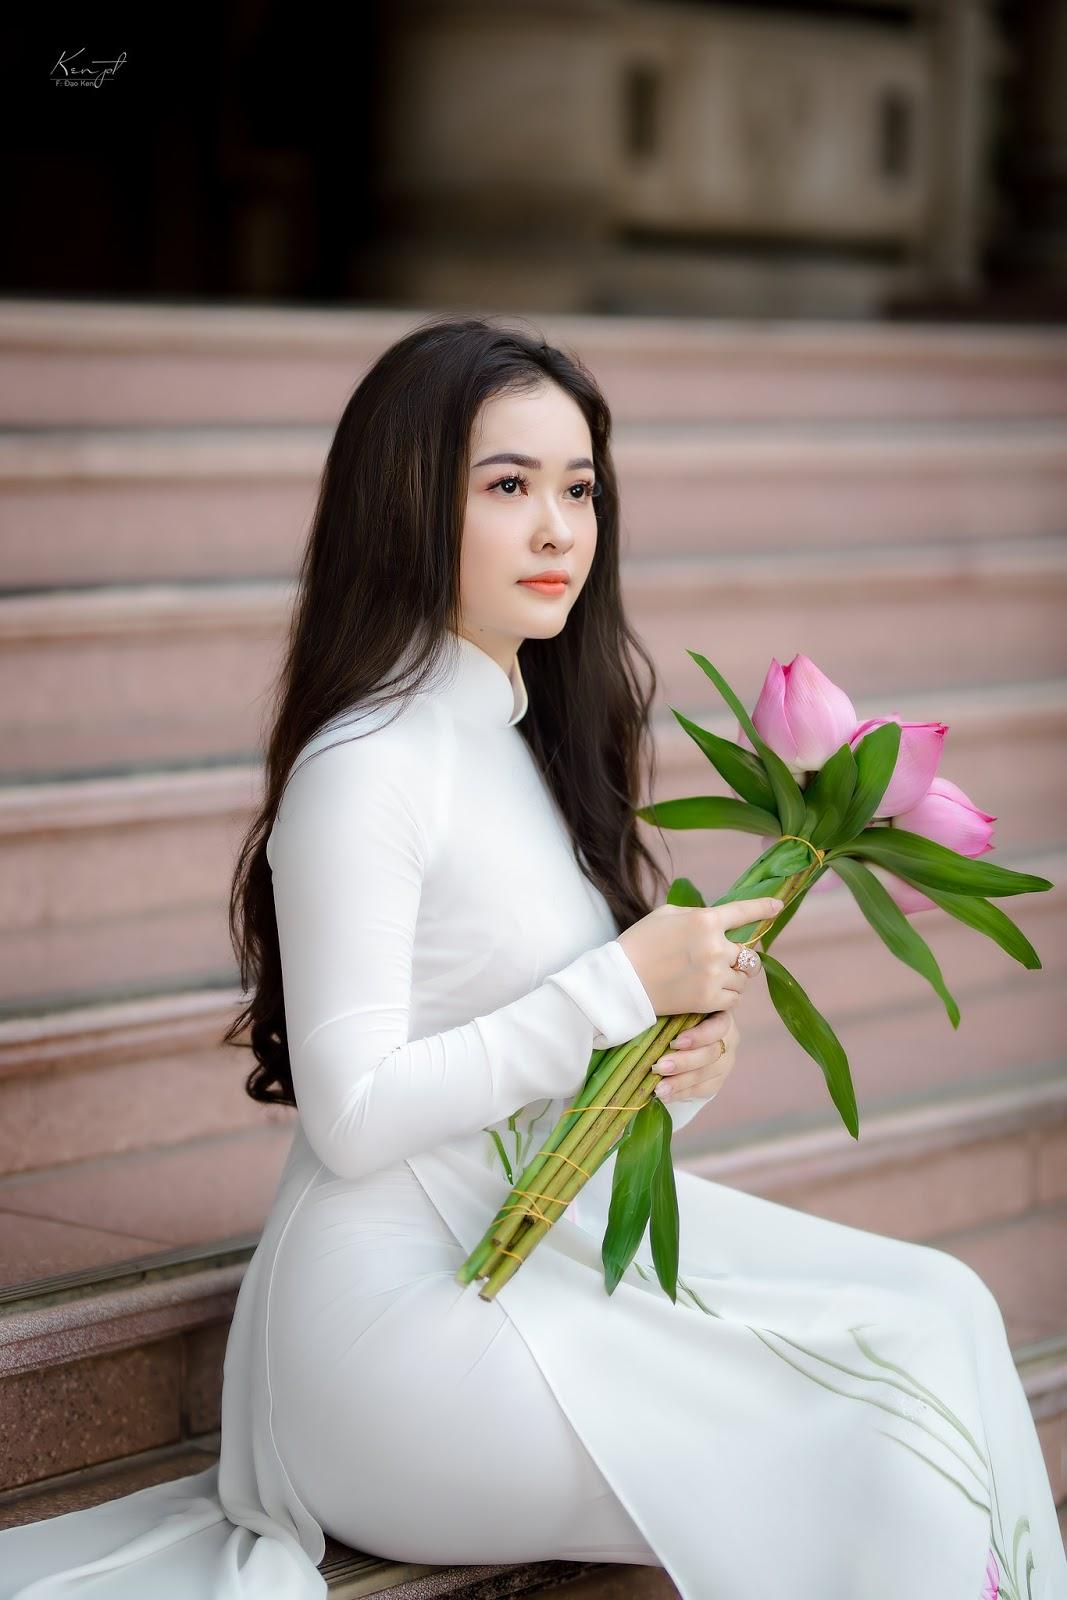 Mê mẩn say đắm với vẻ đẹp của #cô gái mặc áo dài bên hoa sen